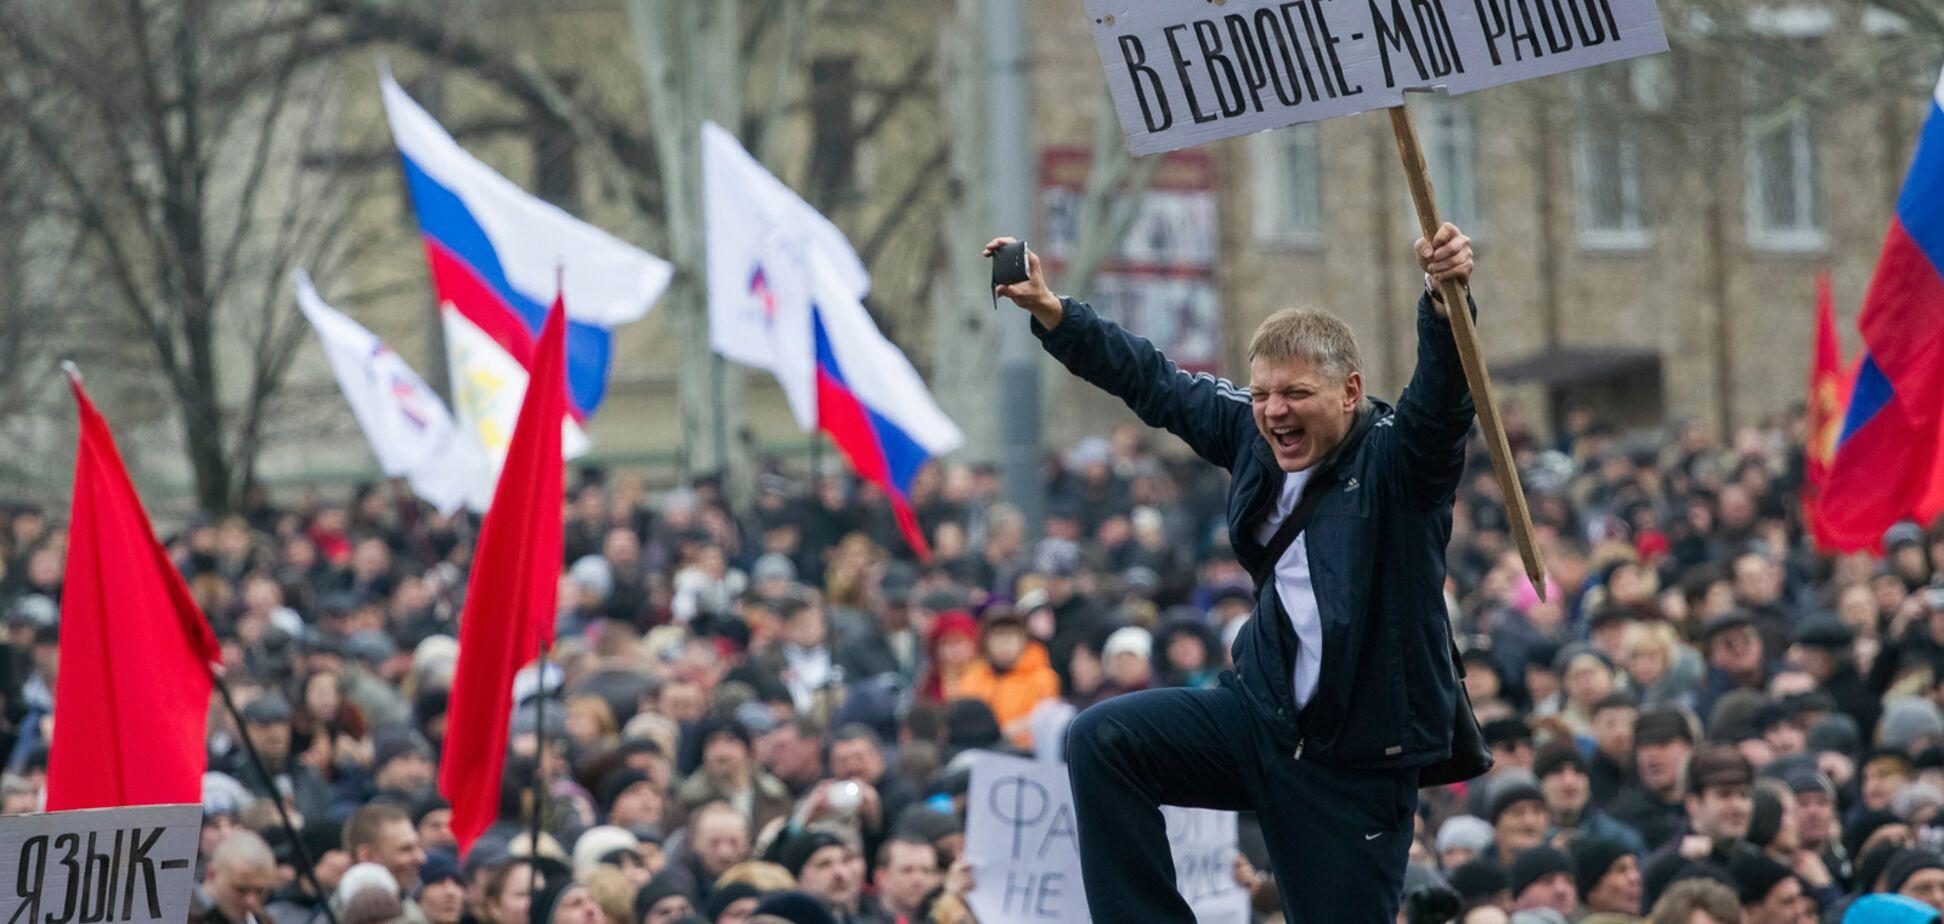 Буде тільки гірше: експерт розповів, у що Росія перетворила Крим